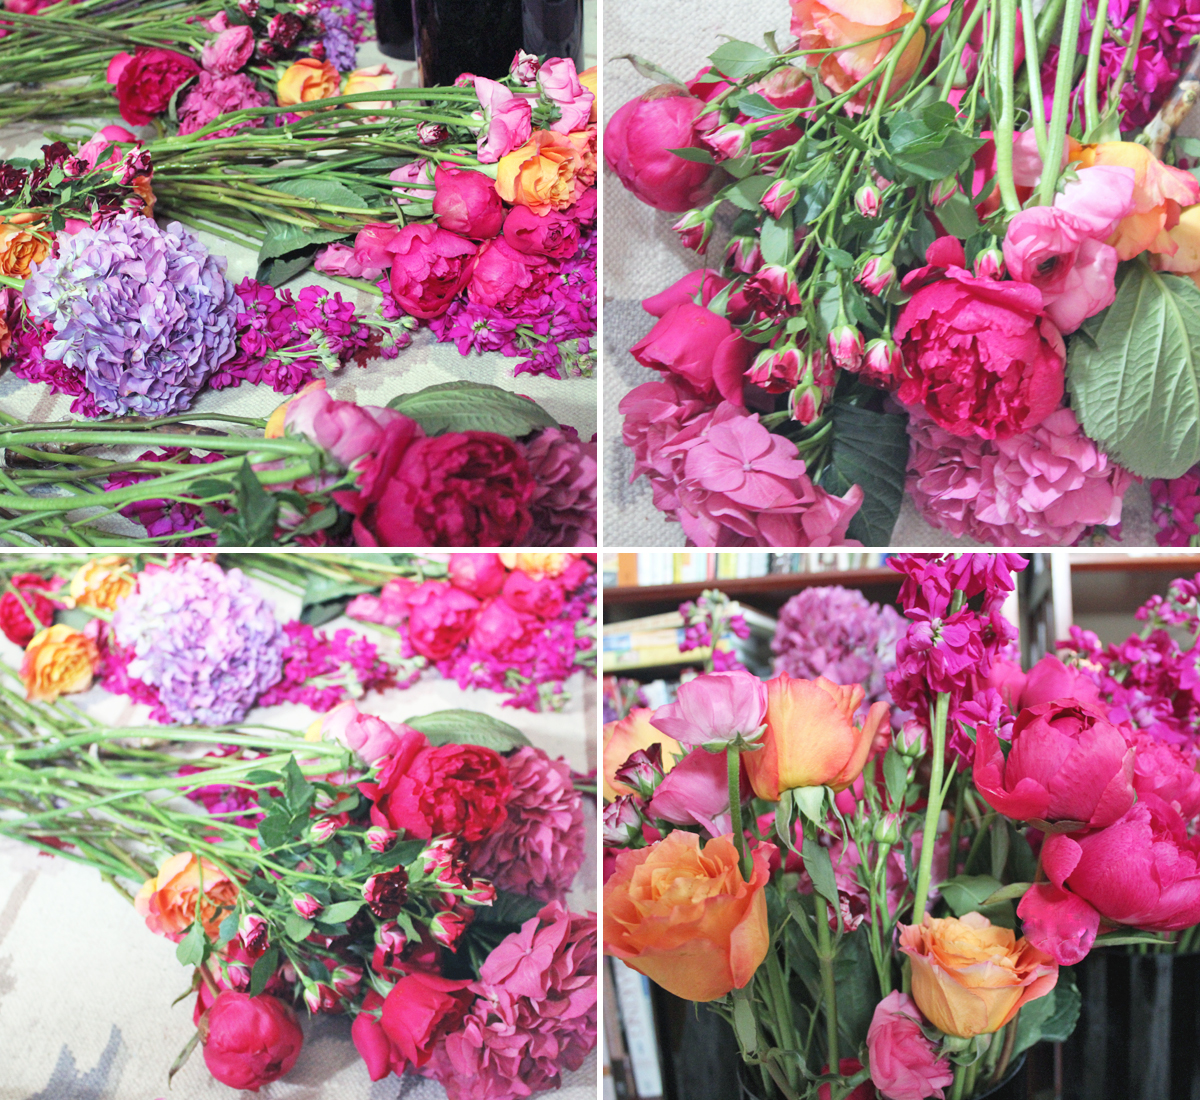 jewel-tone-flowers-9